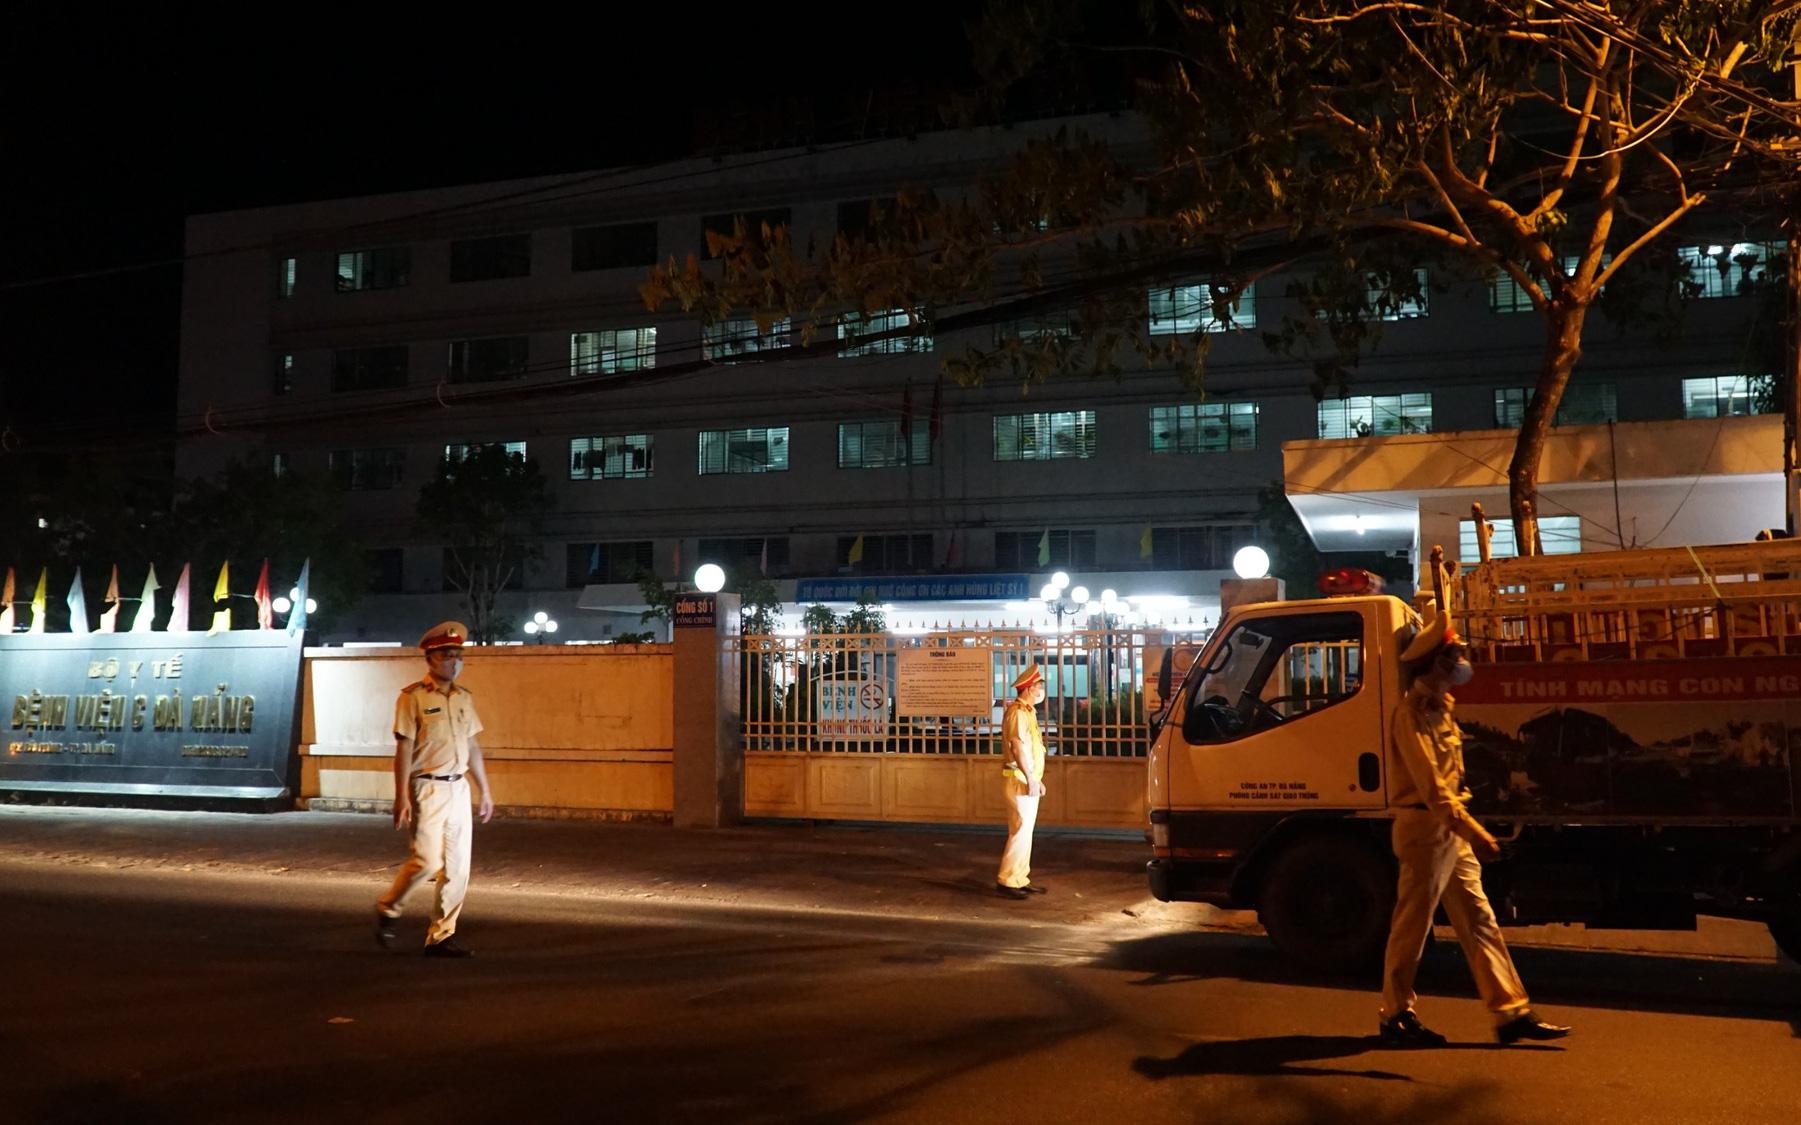 Bệnh viện C Đà Nẵng sẽ kết thúc phong tỏa, hoạt động trở lại vào 0 giờ ngày 8/8